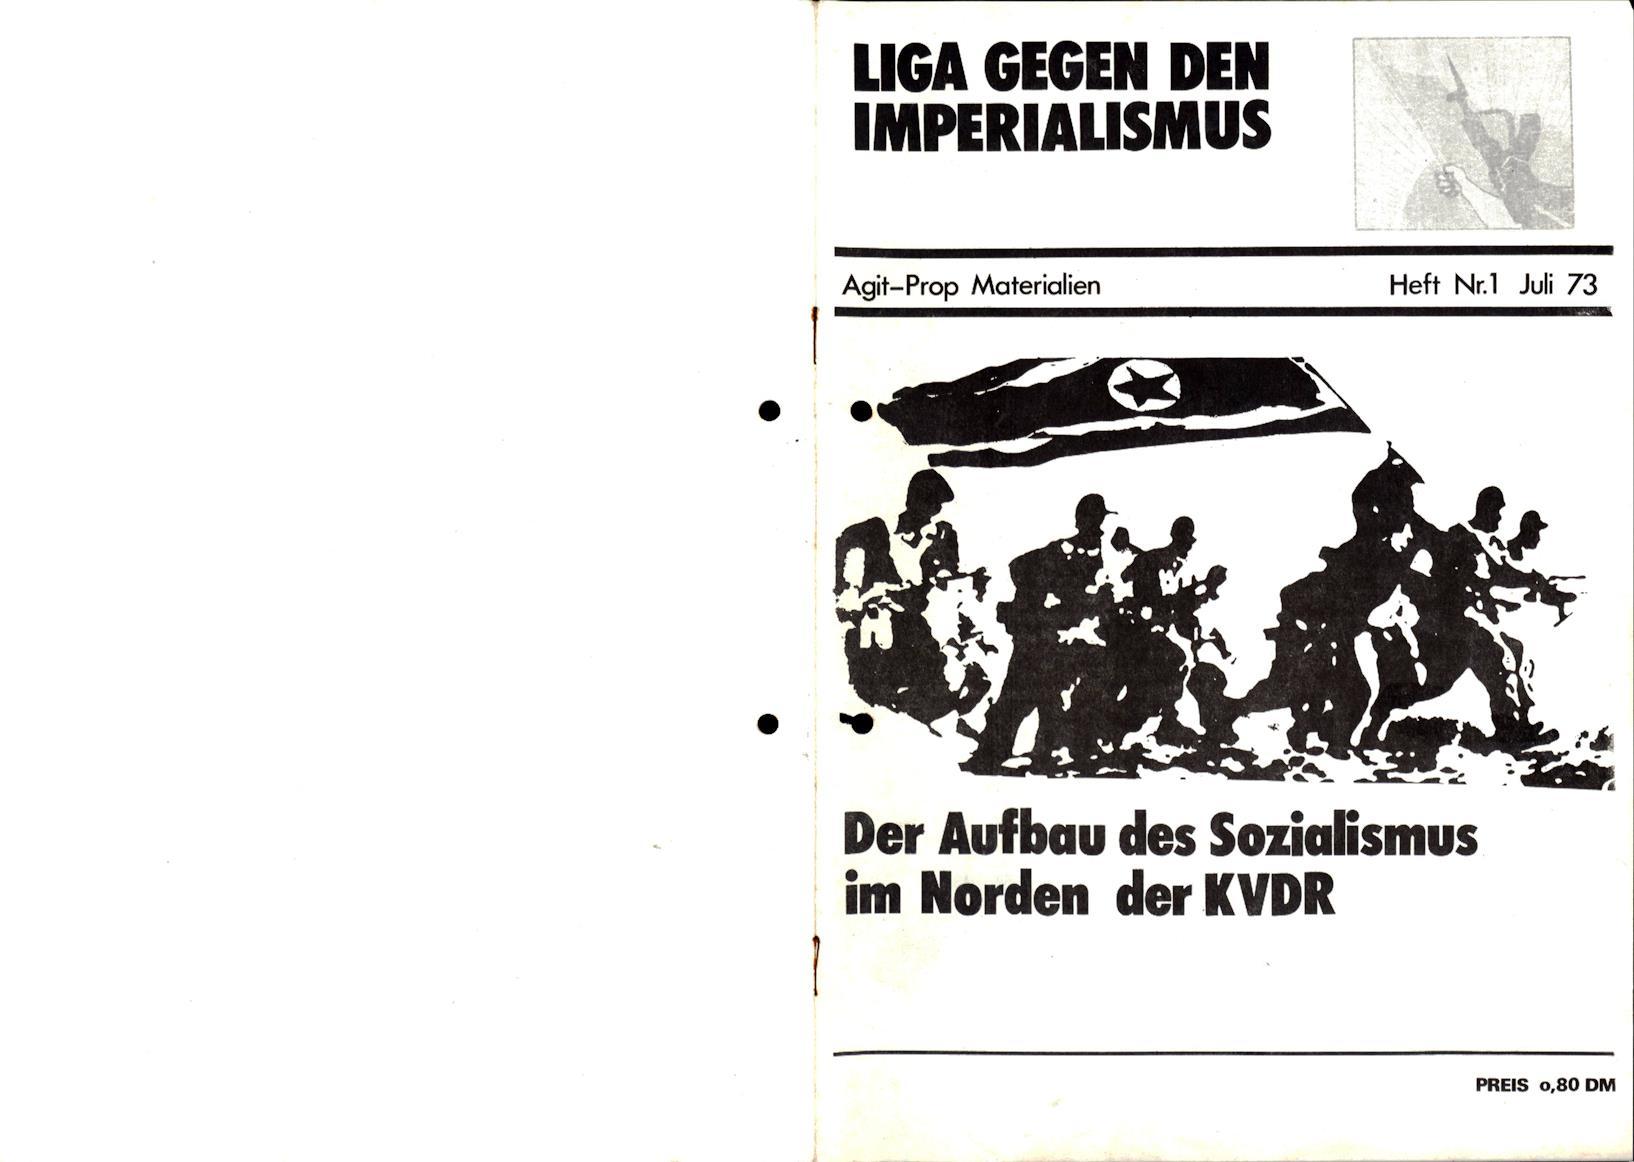 Liga_1973_AgitProp1_01